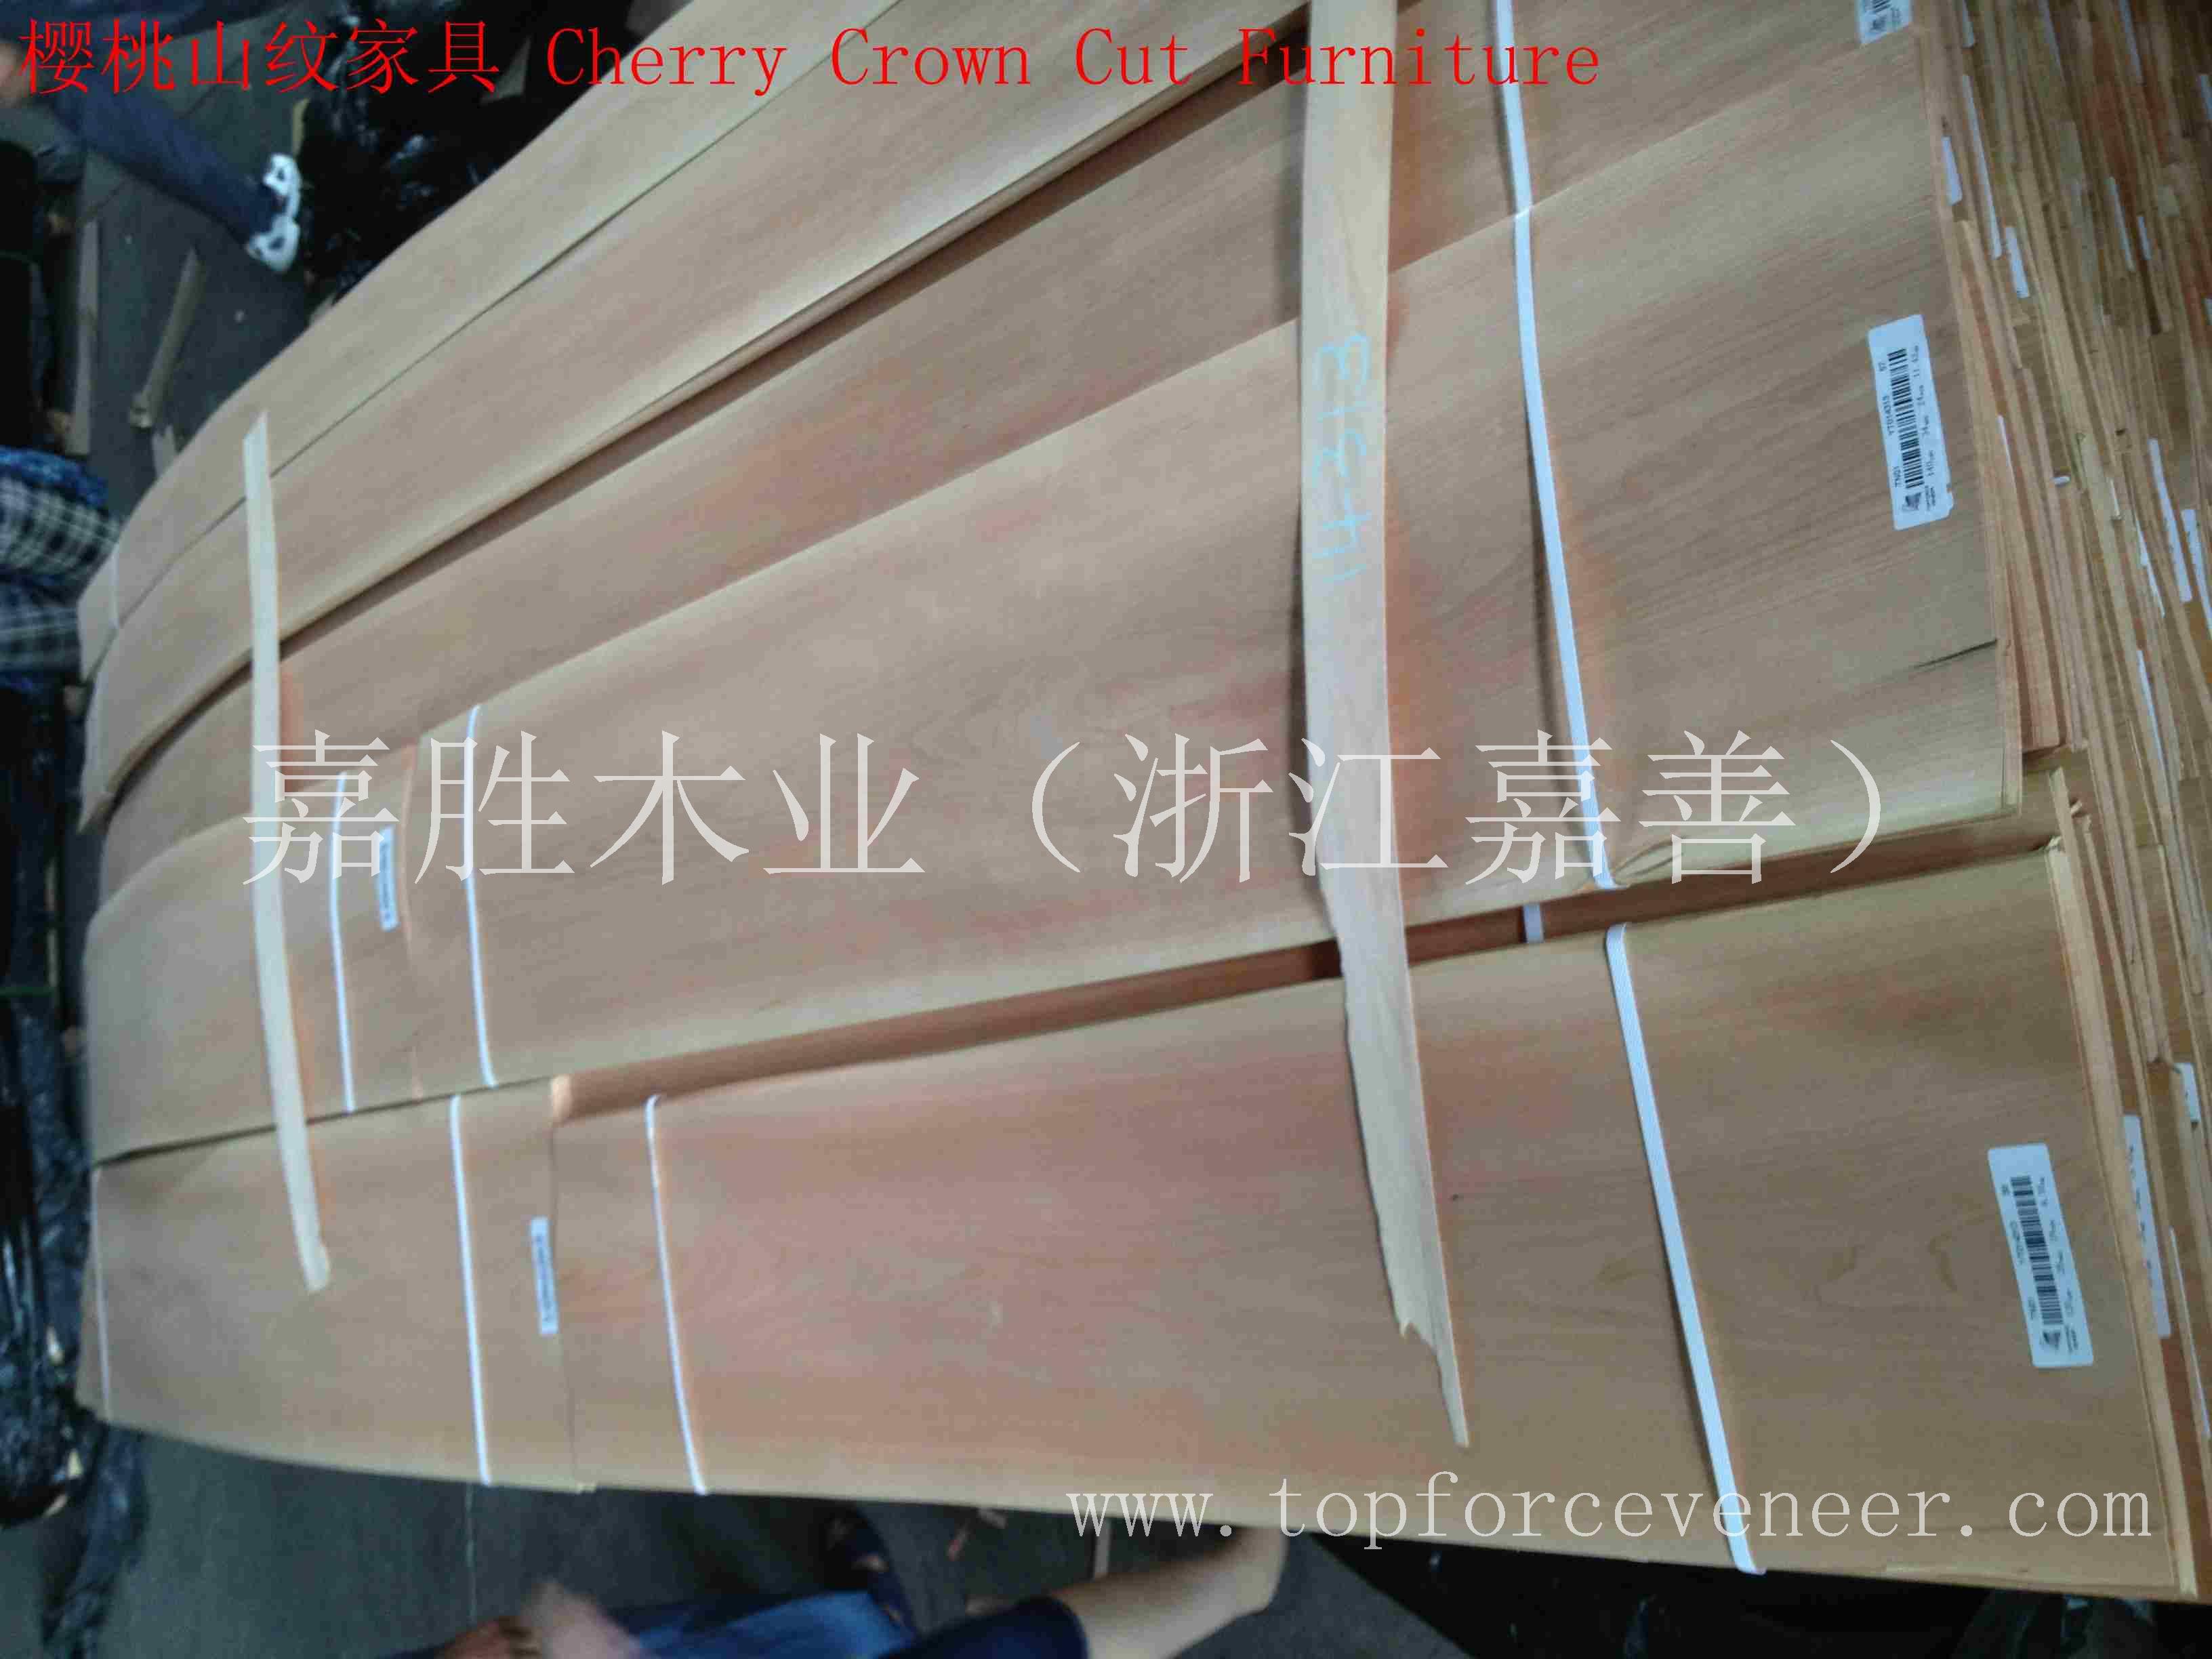 浙江嘉善美国樱桃山纹花纹木皮-ZheJiang JiaShan American Black Cherry Plain Cut PC Crown Cut Veneer PA